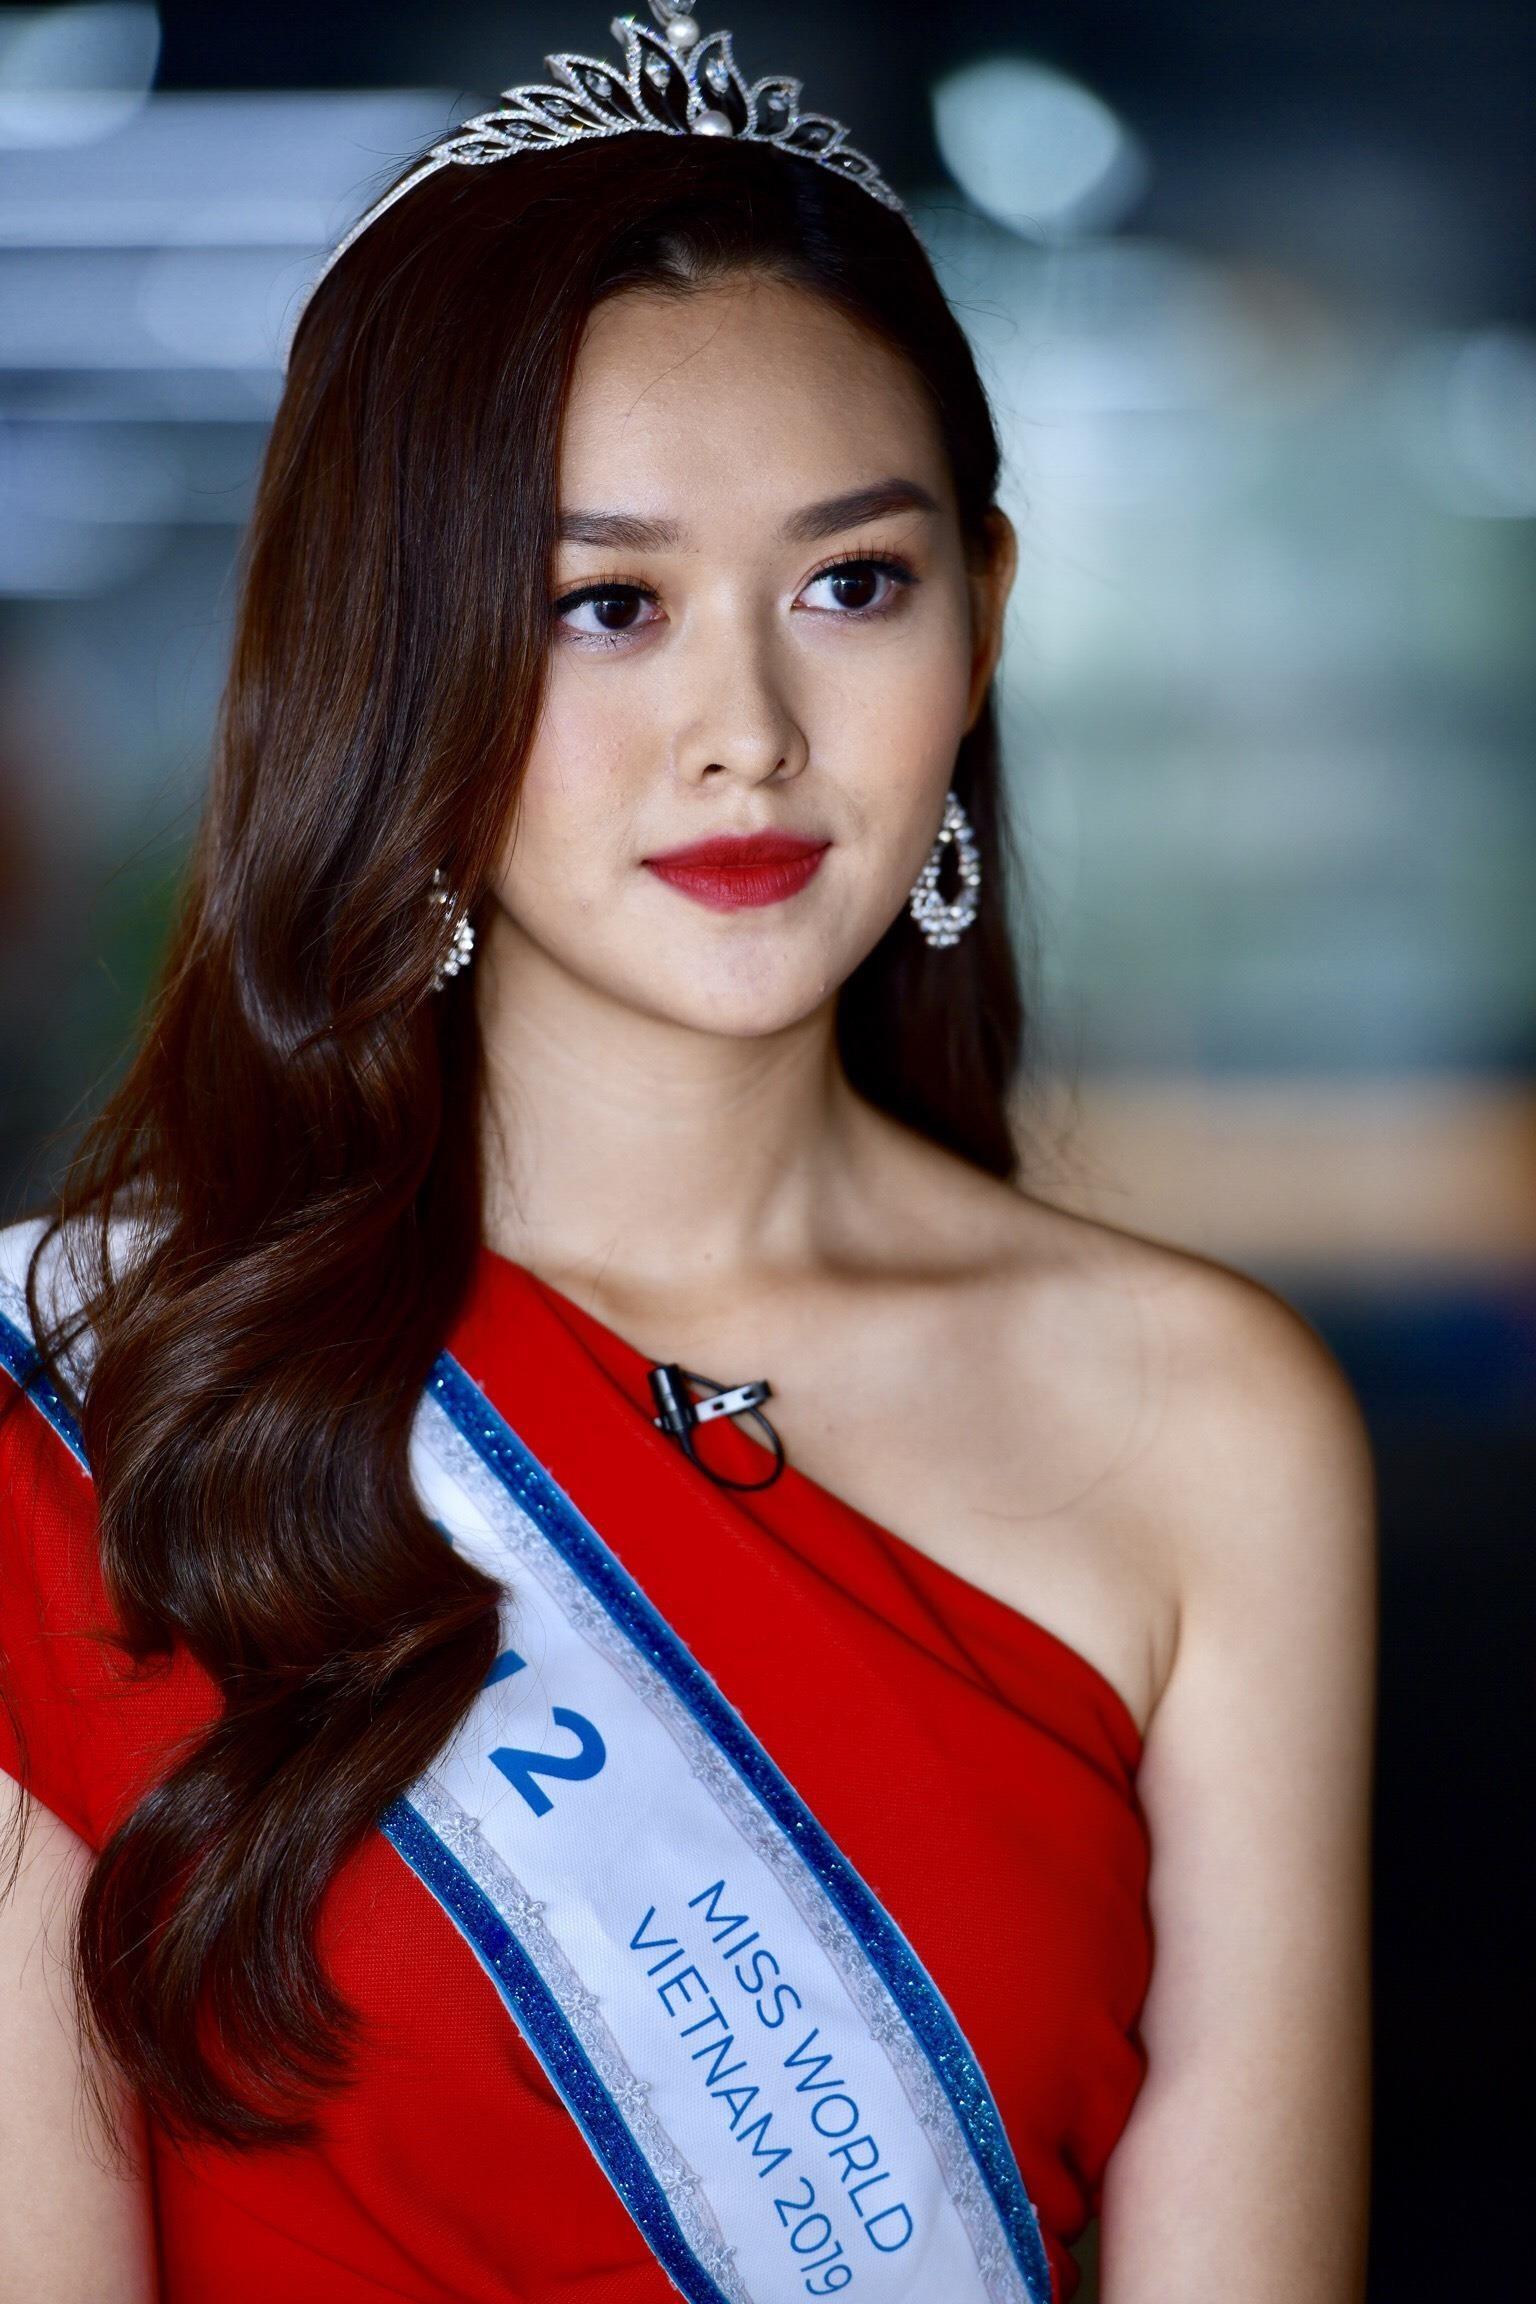 Hoa hau The gioi Viet Nam 2019 anh 14